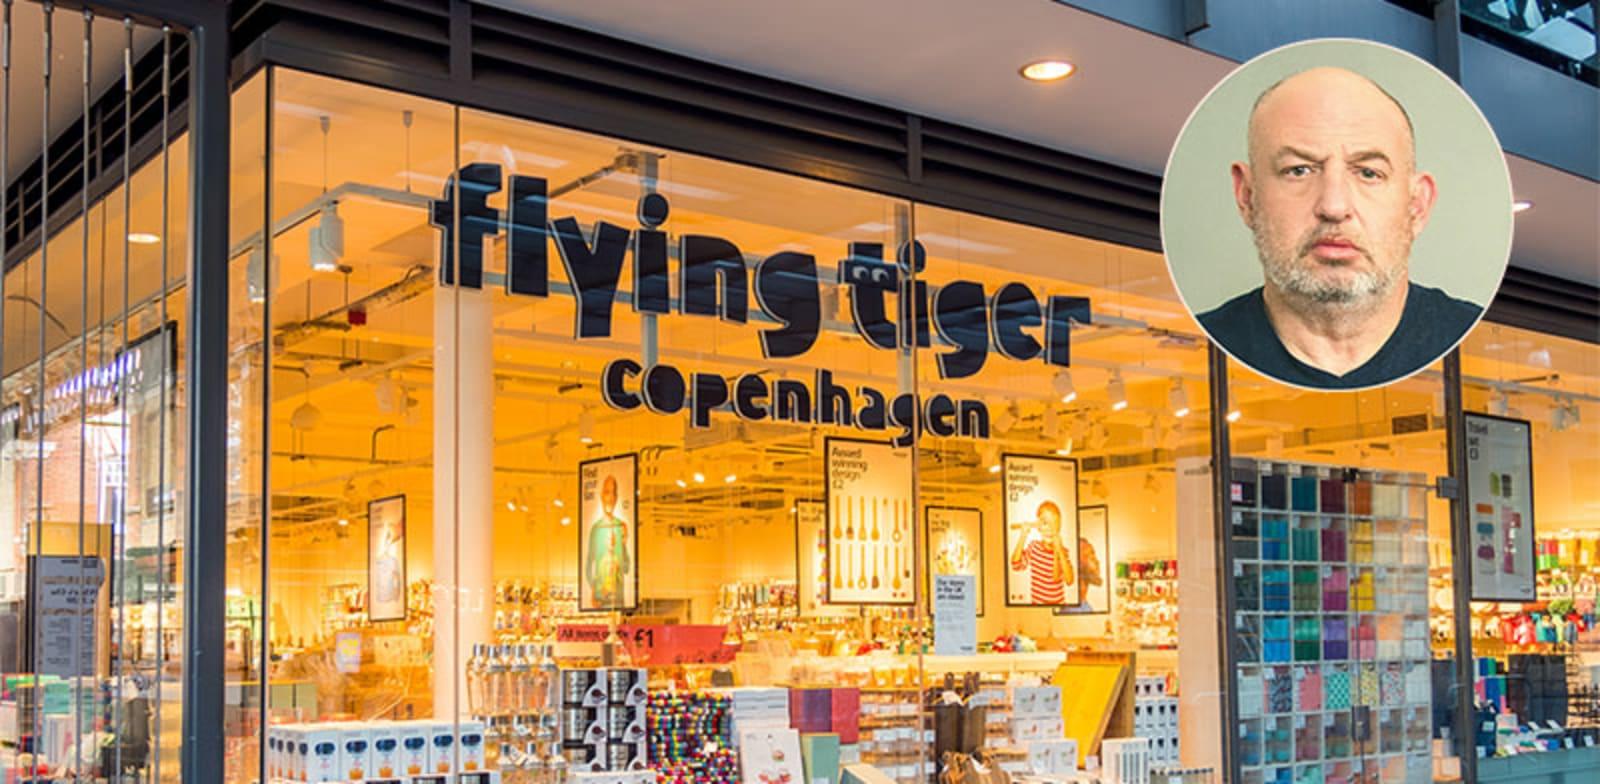 """חנות של רשת פליינג טייגר בקופנהגן. בעיגול: הראל ויזל, מנכ""""ל ובעלי פוקס / צילום: דימה טליאנסקי, shutterstock"""